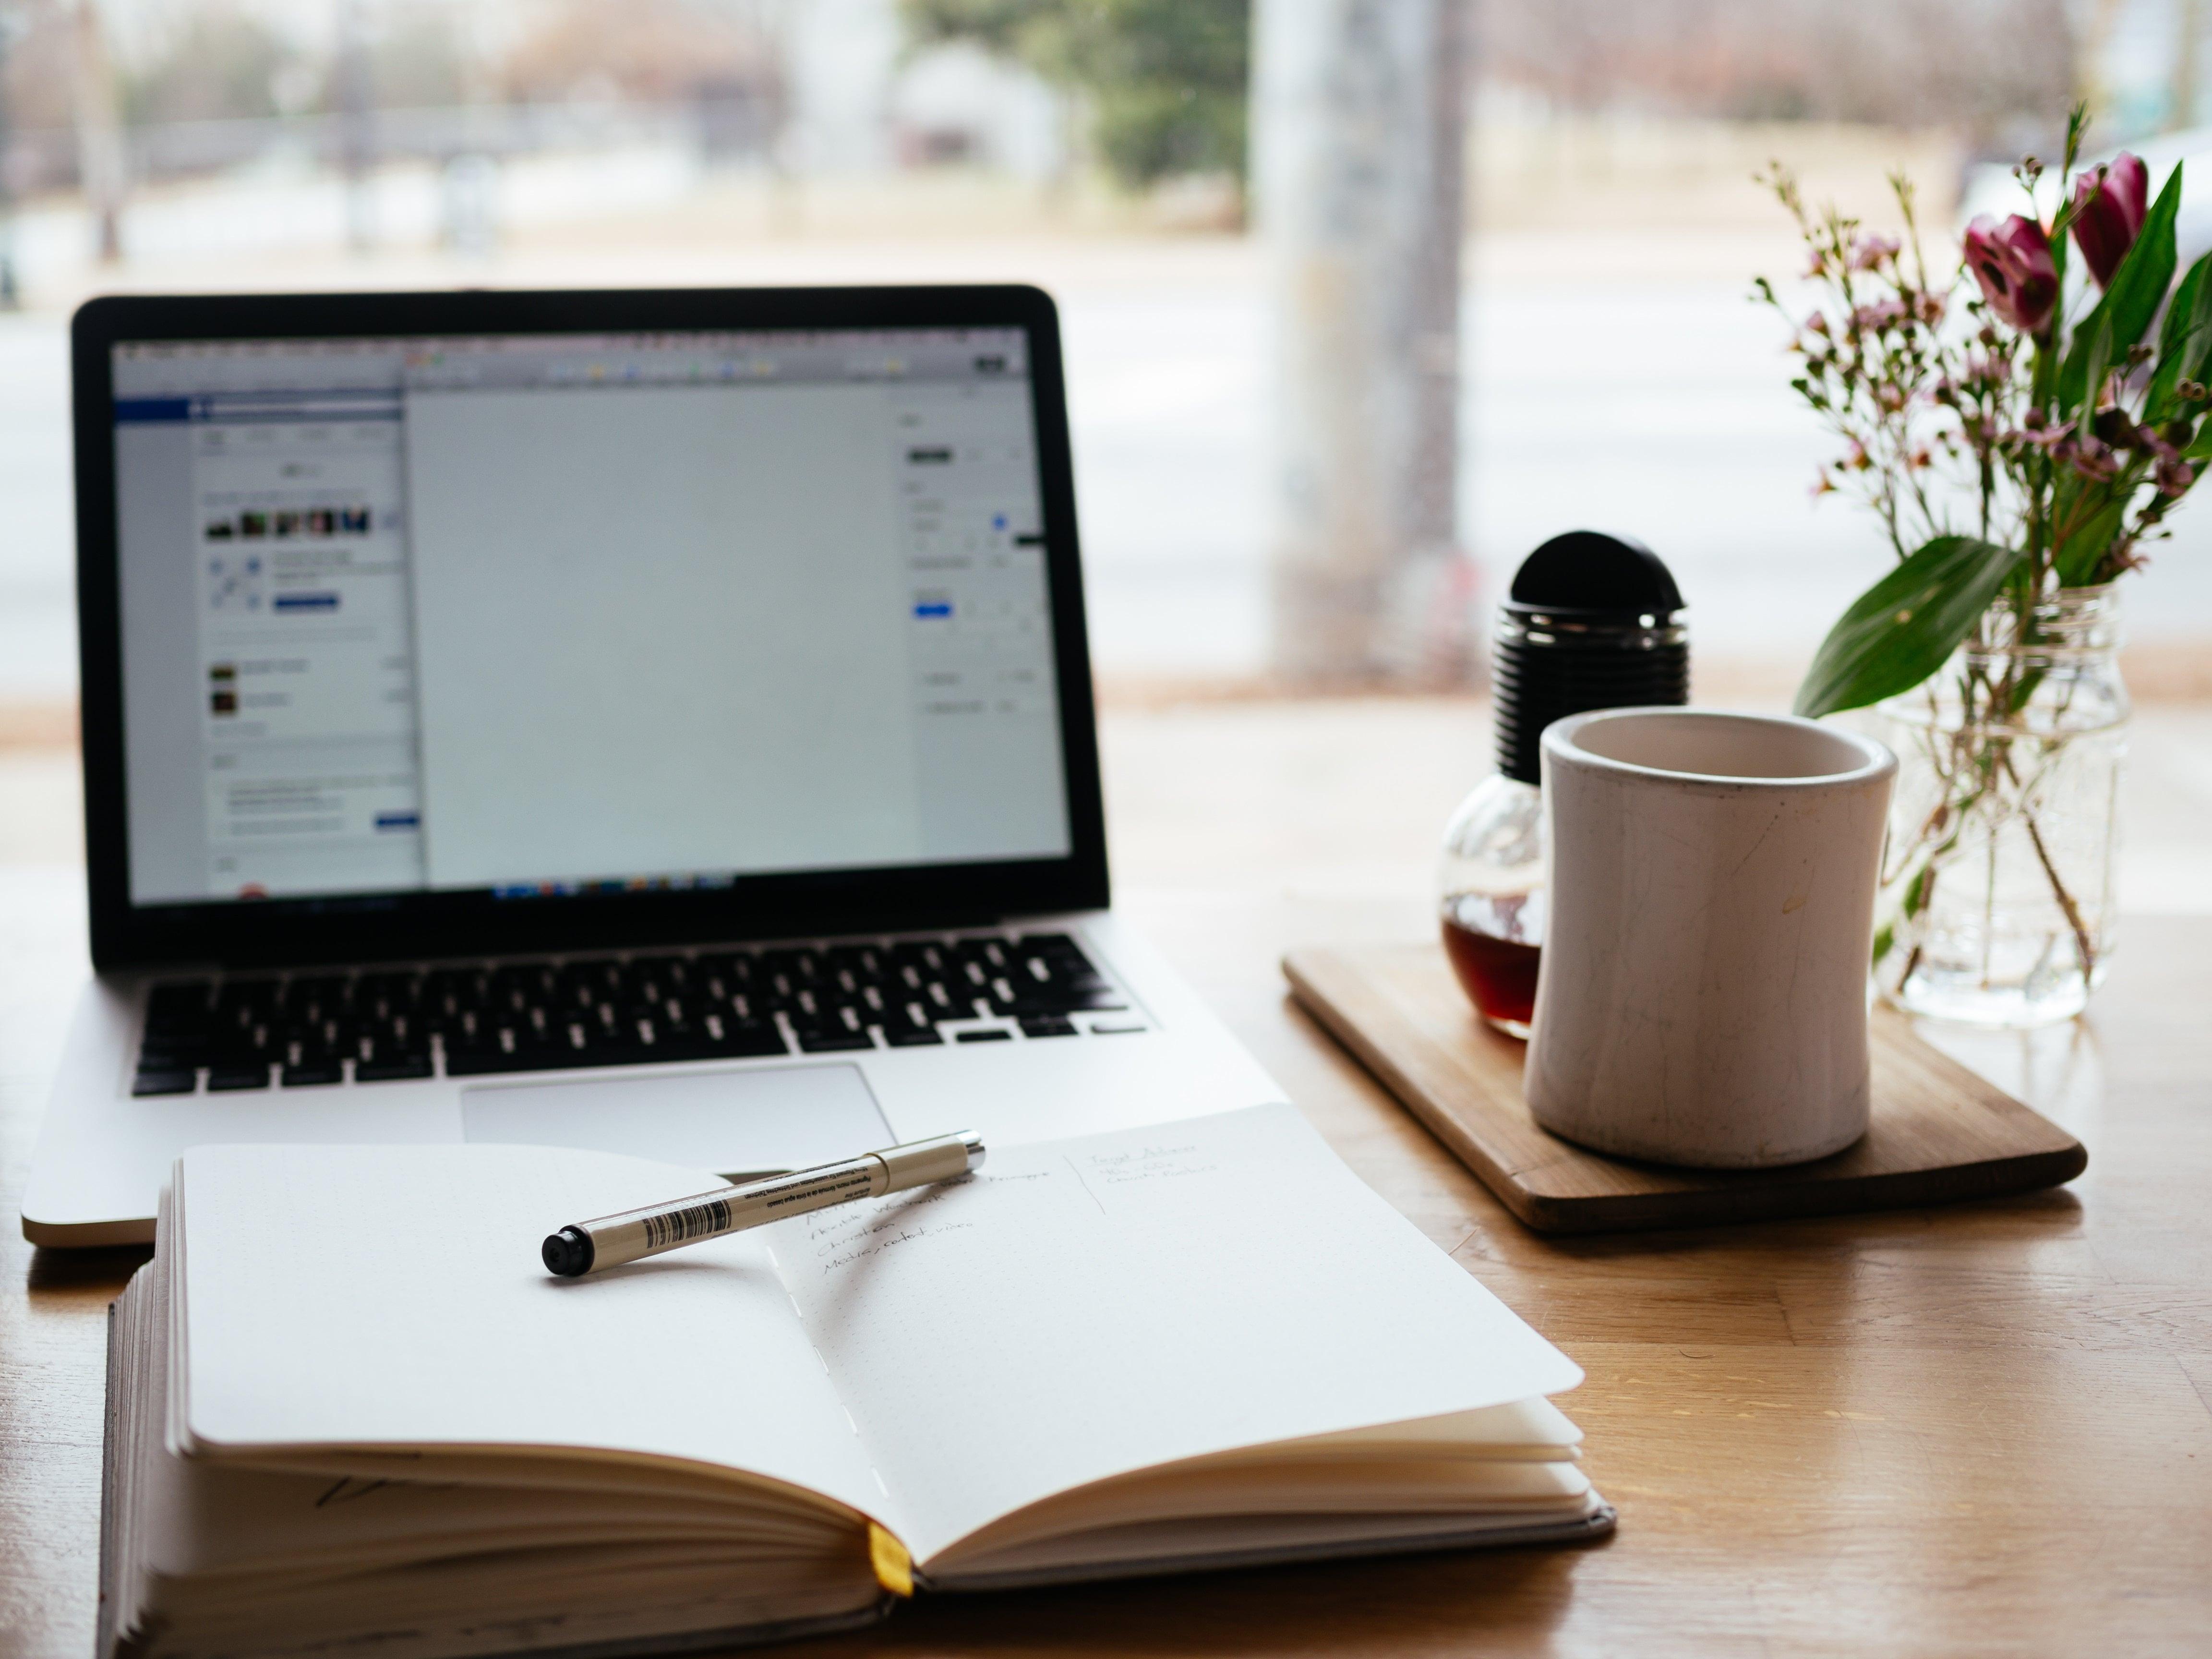 Bärbar dator, häfte och penna - god planering är en förutsättning när det gäller att hitta en flyttfirma med förmånligt pris